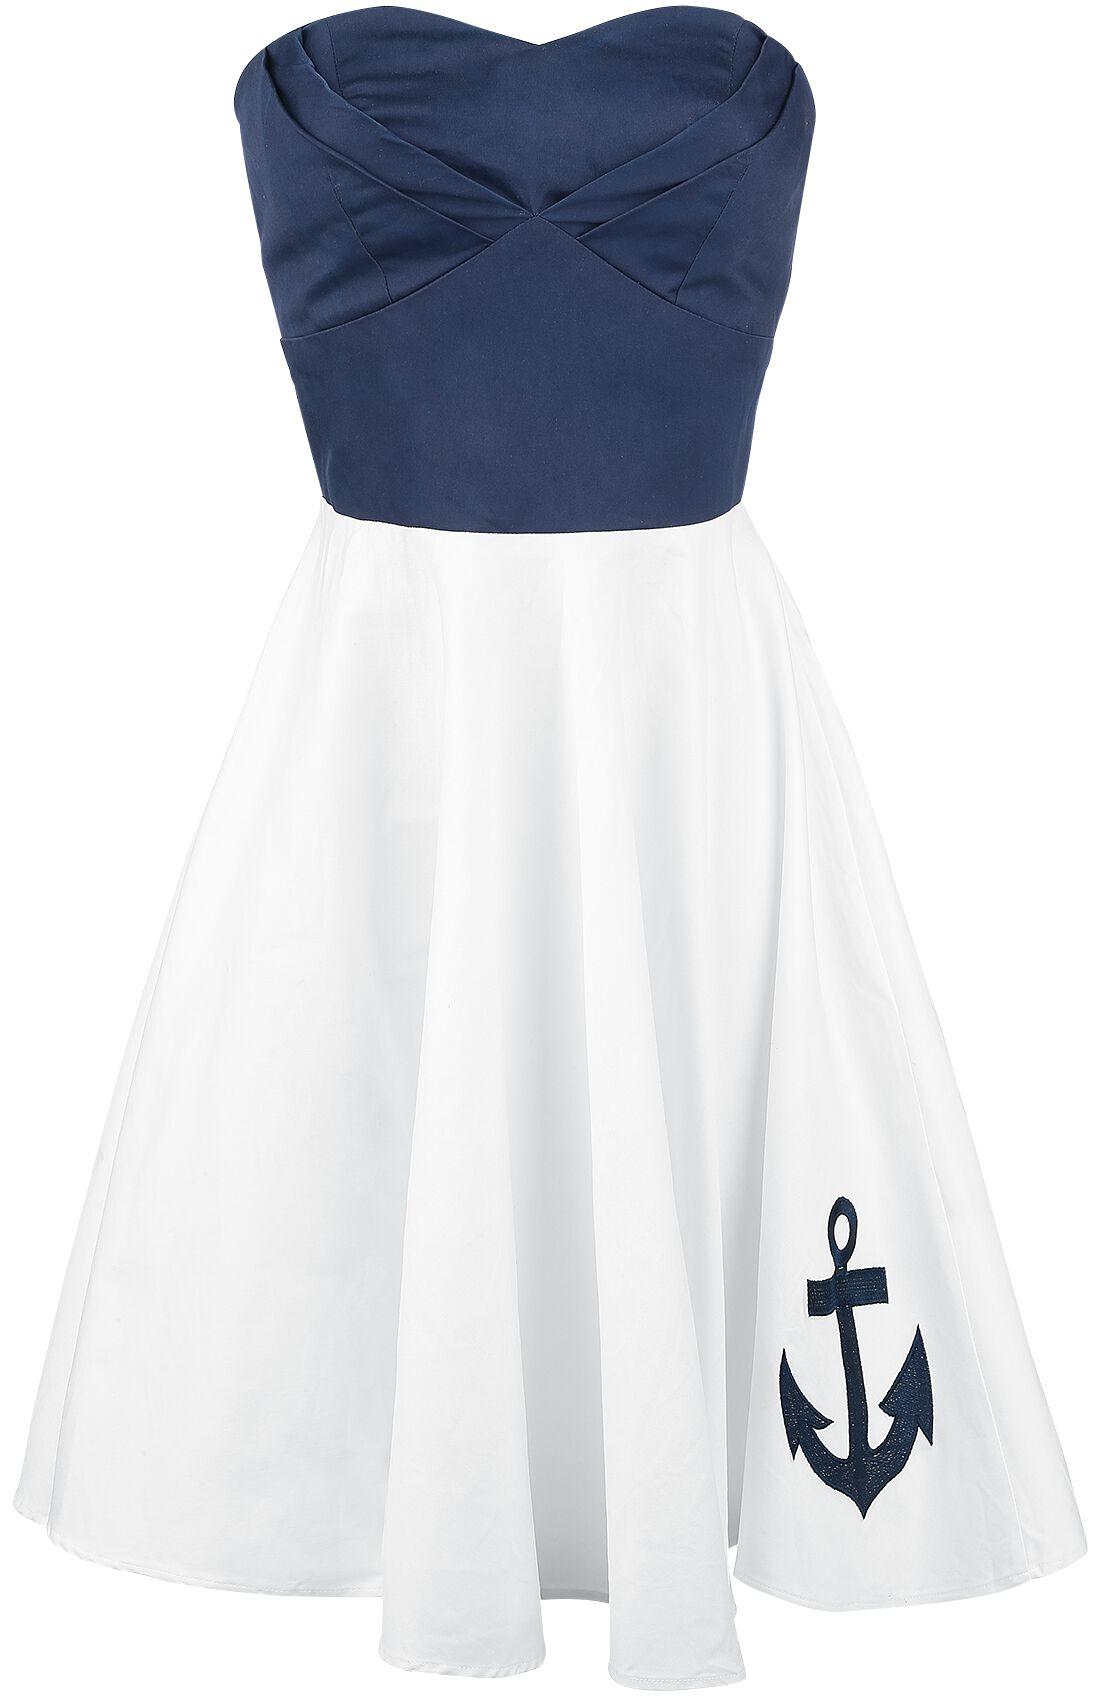 Marki - Sukienki - Sukienka Dolly and Dotty Anchor Dress Sukienka biały/niebieski - 331221